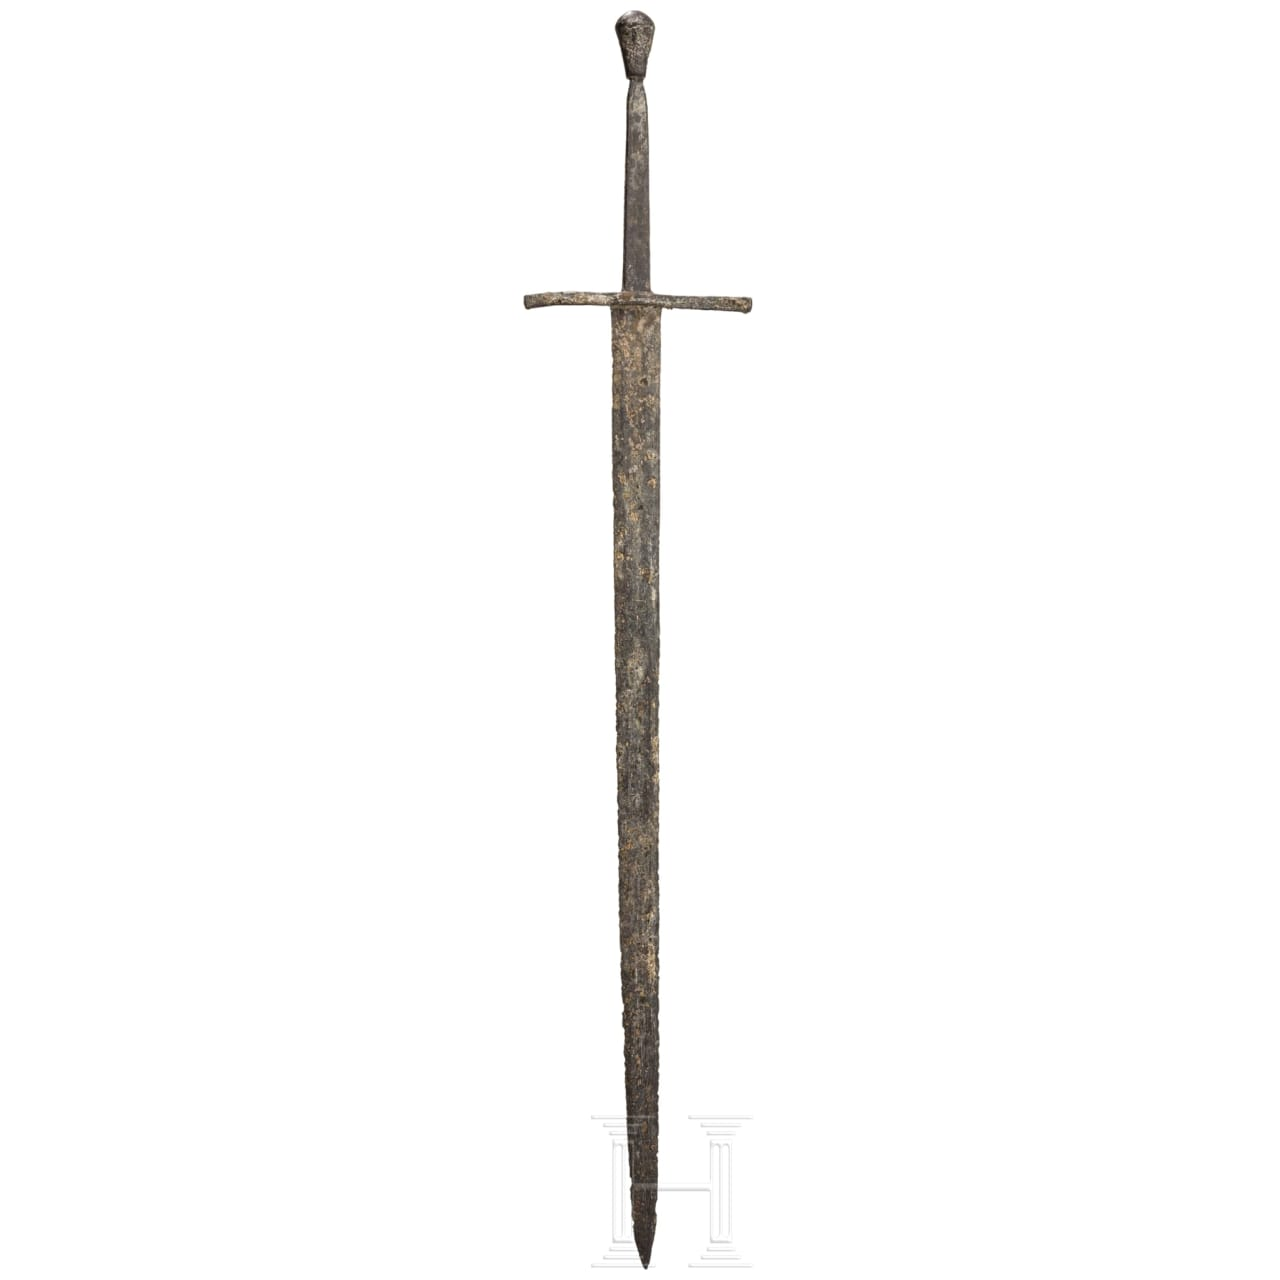 A German or Polish knightly sword, circa 1460